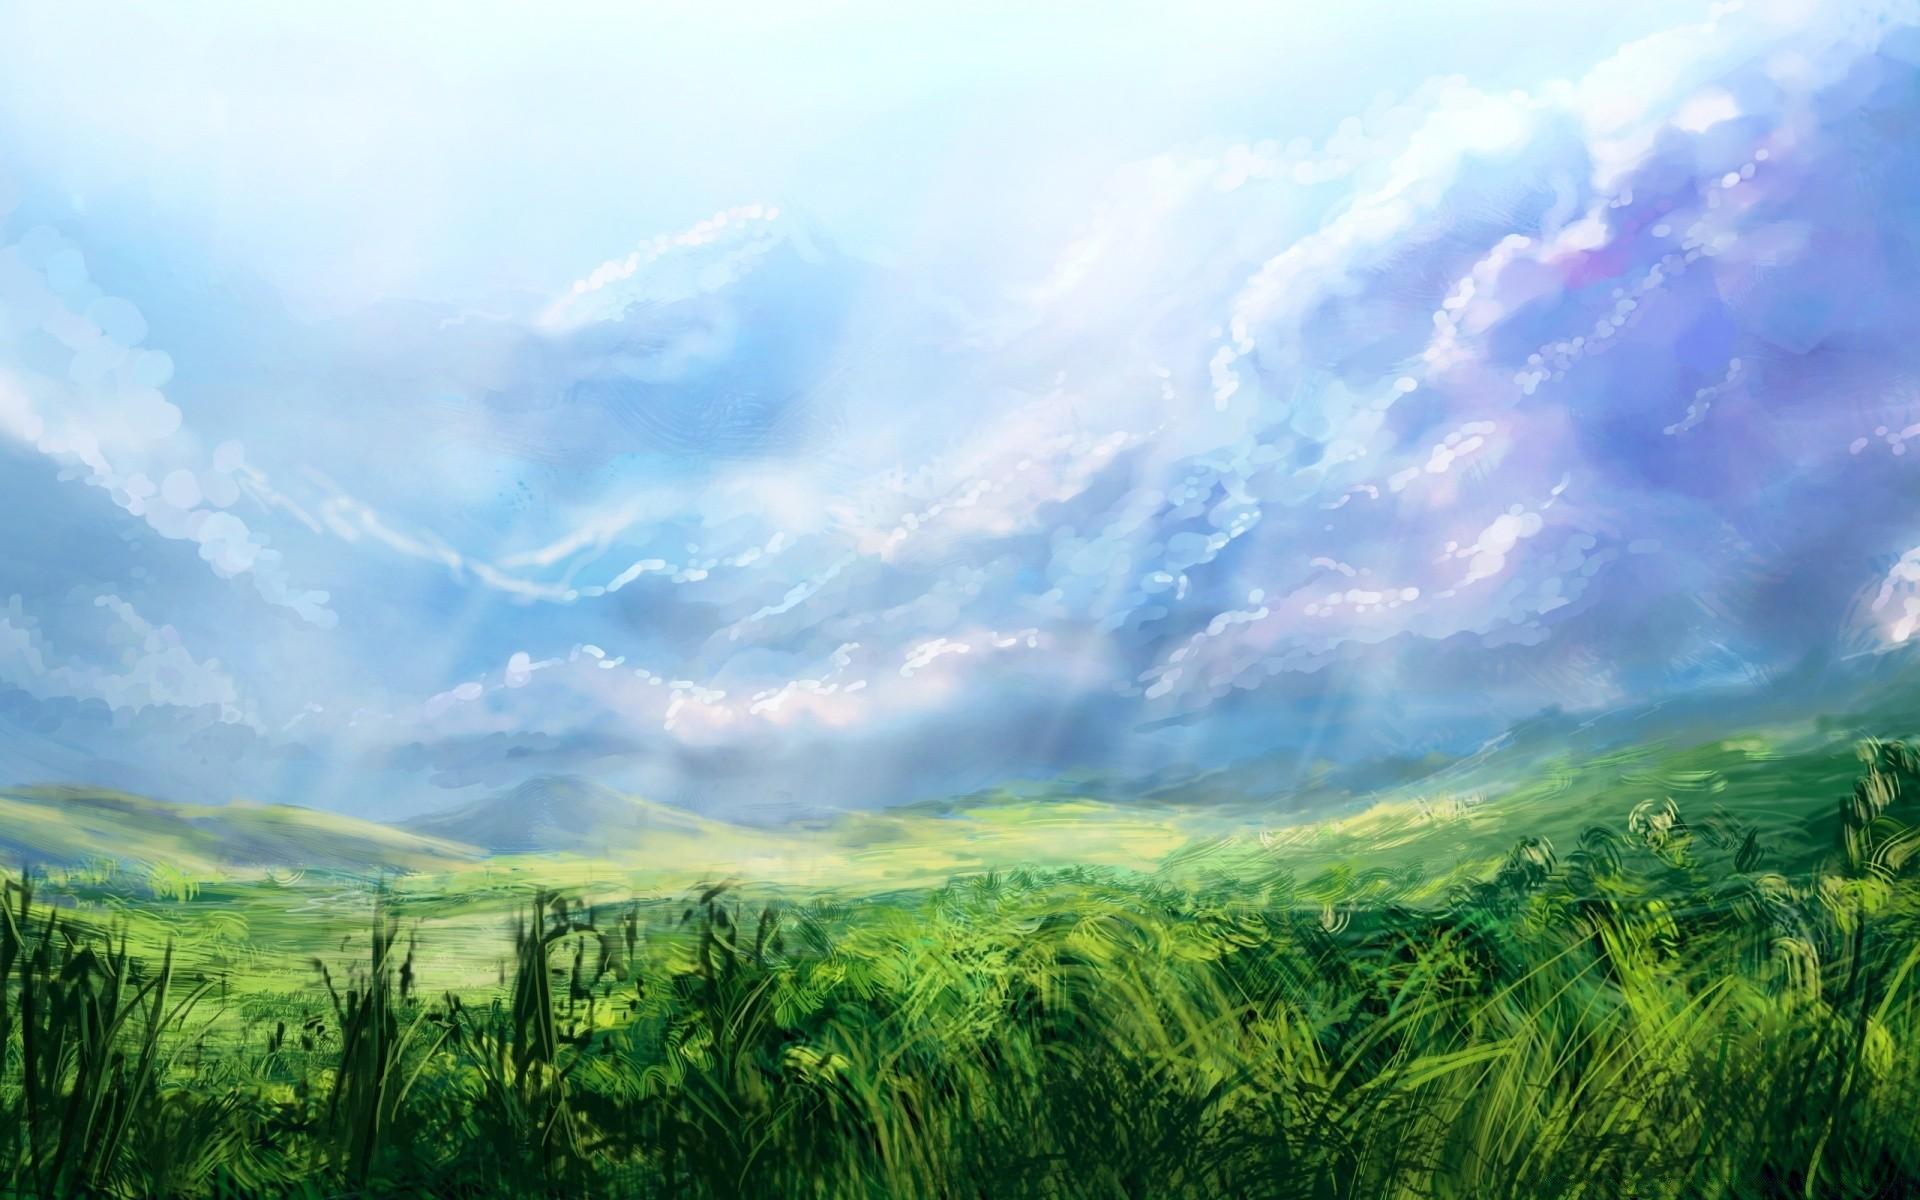 картинка на задний фон пейзаж это